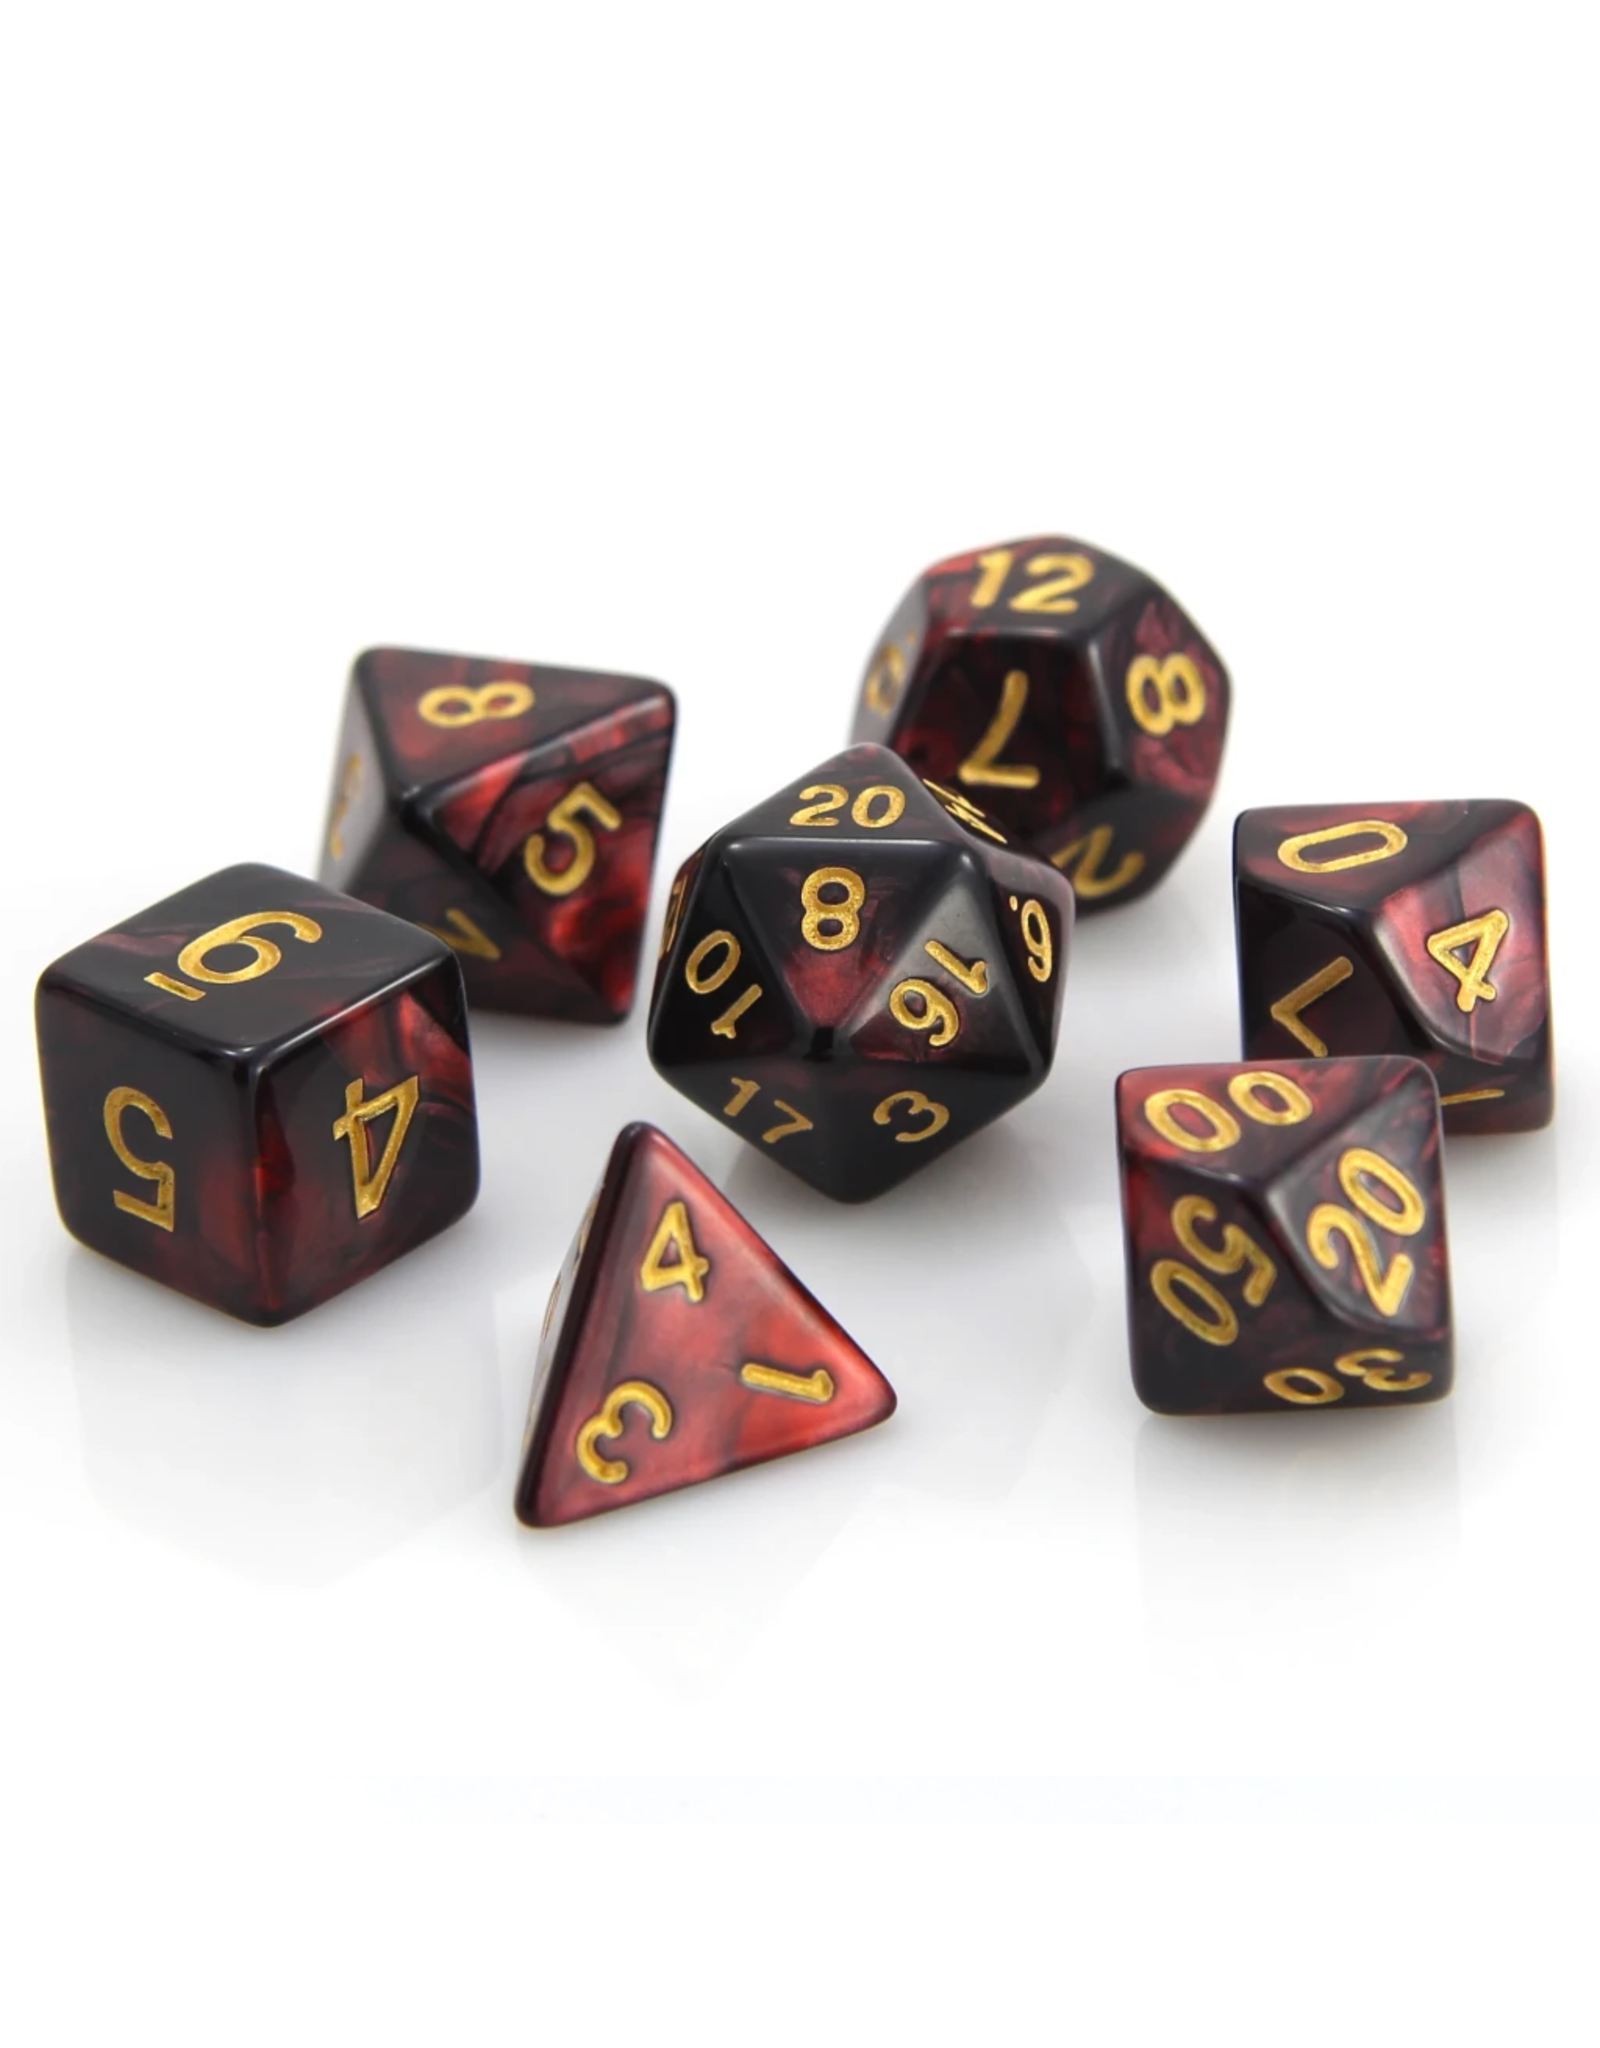 DIE HARD DICE DIE HARD DICE 7 CT RPG DICE SET GLOWING EMBERS